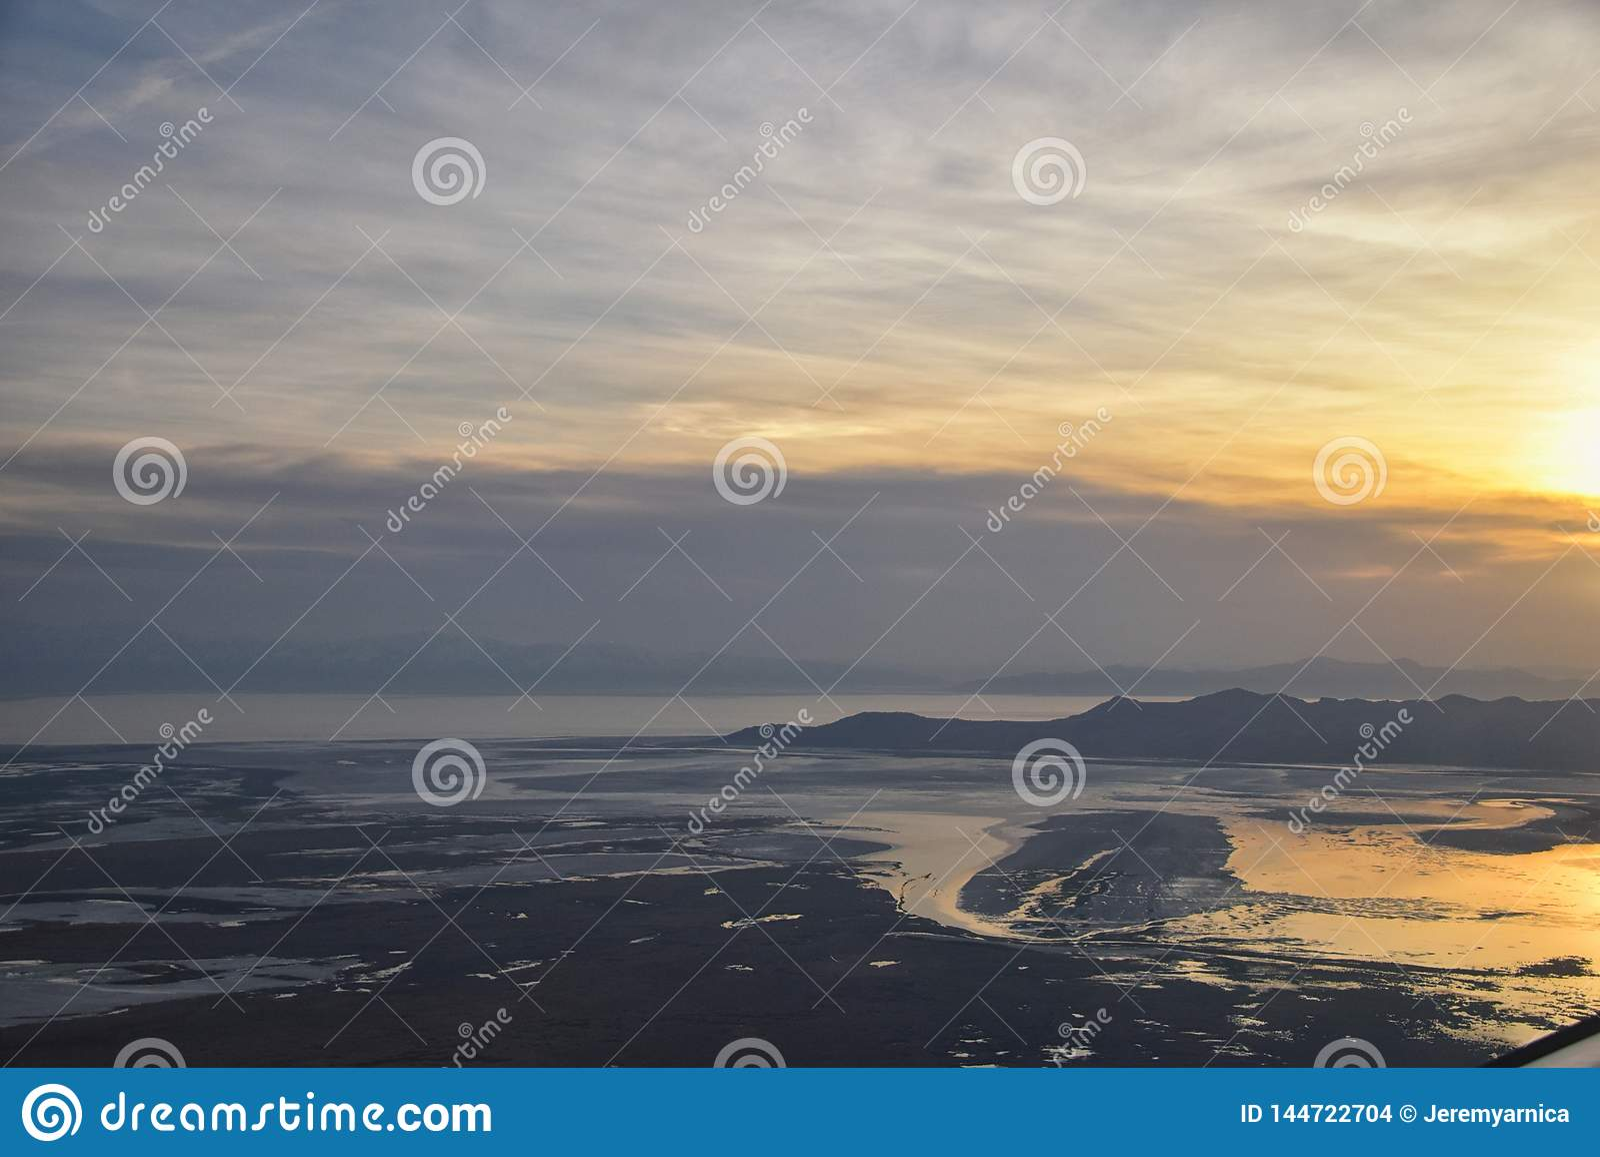 Widok z lotu ptaka od samolotu antylopy wyspa przy zmierzchem, widok od magnum?w, og?lny cloudscape przy wsch?d s?o?ca z Wielkim